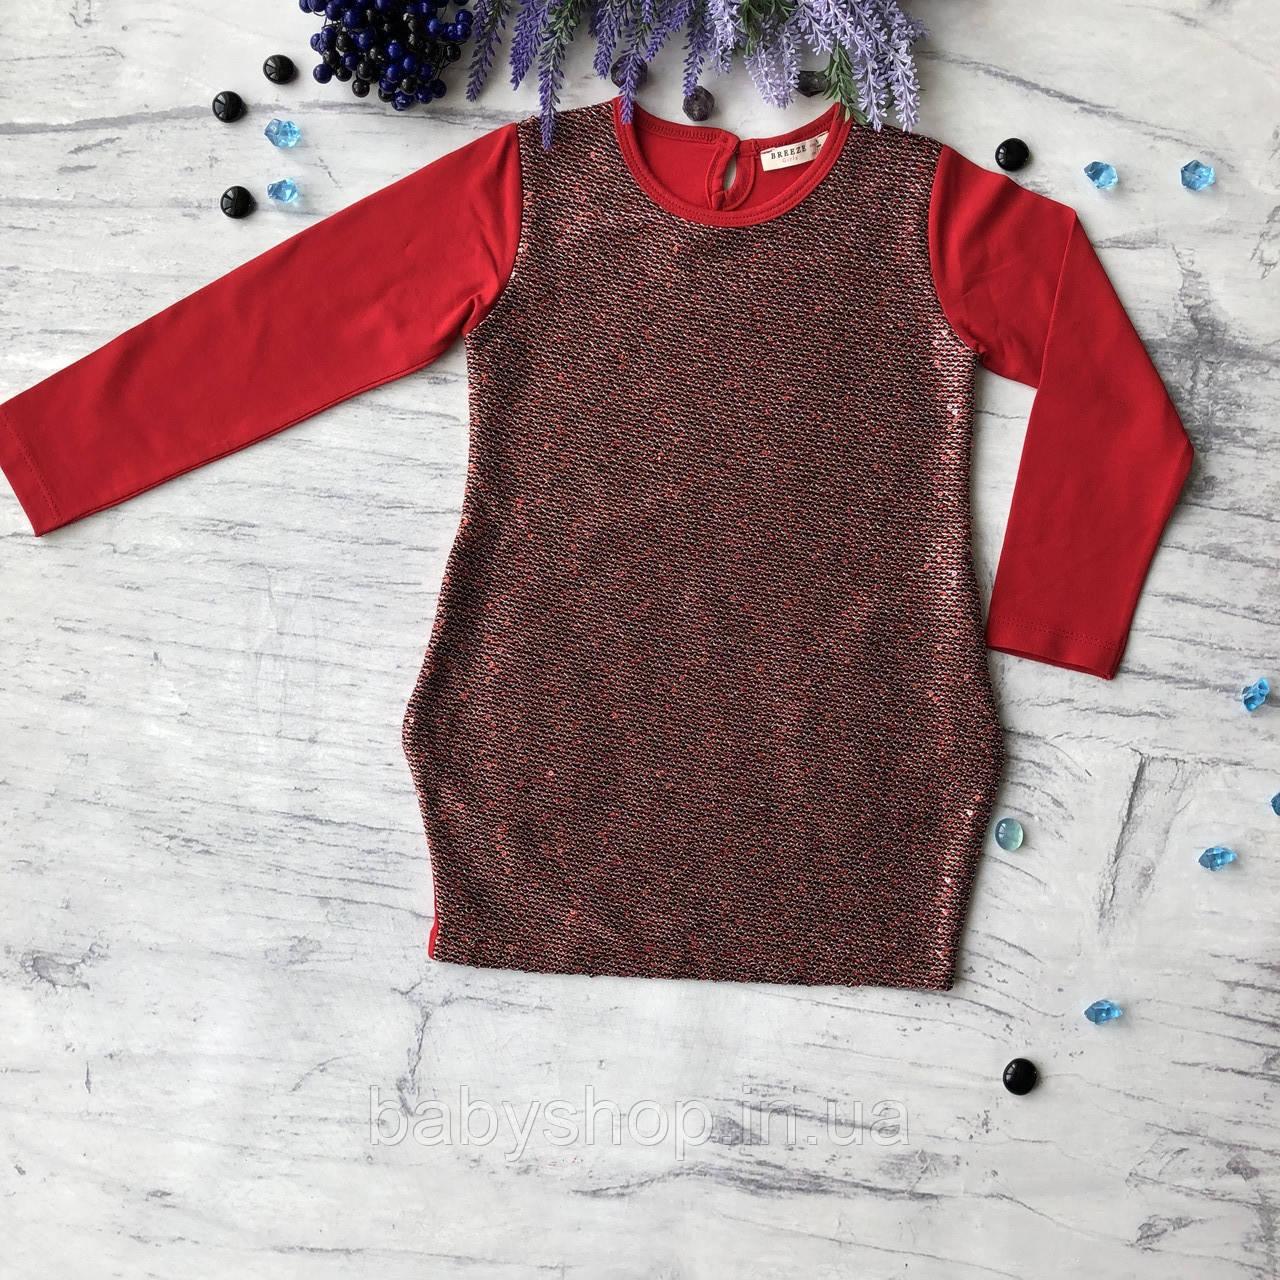 Красное детское платье Breeze для девочки 177. Размер 110 см, 116 см (6 лет), 128 см (8лет), 134 см, 140 см